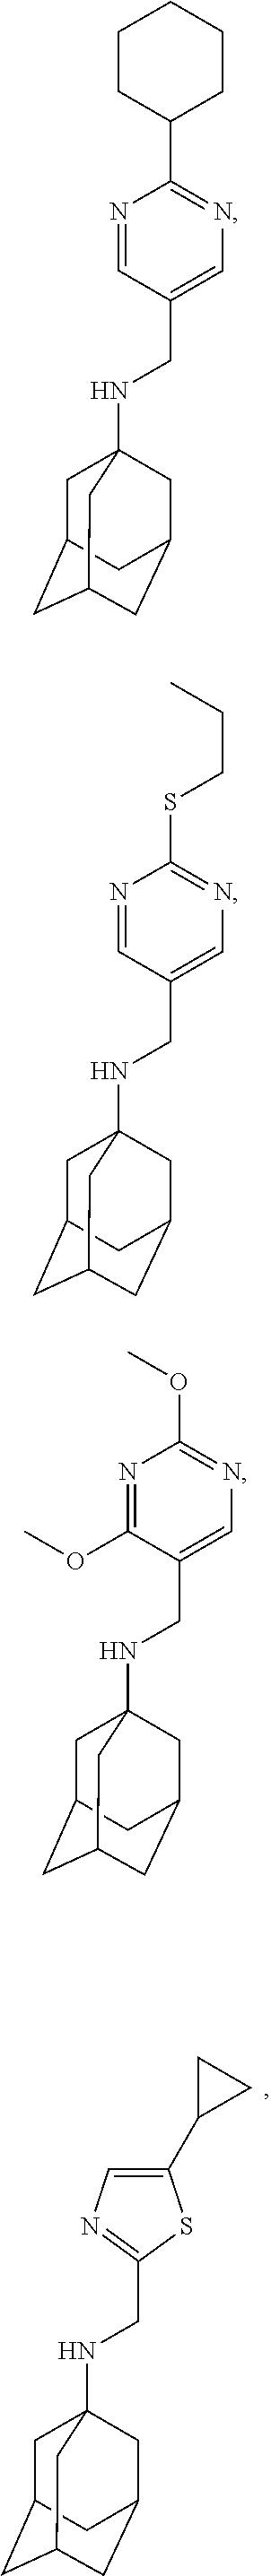 Figure US09884832-20180206-C00198